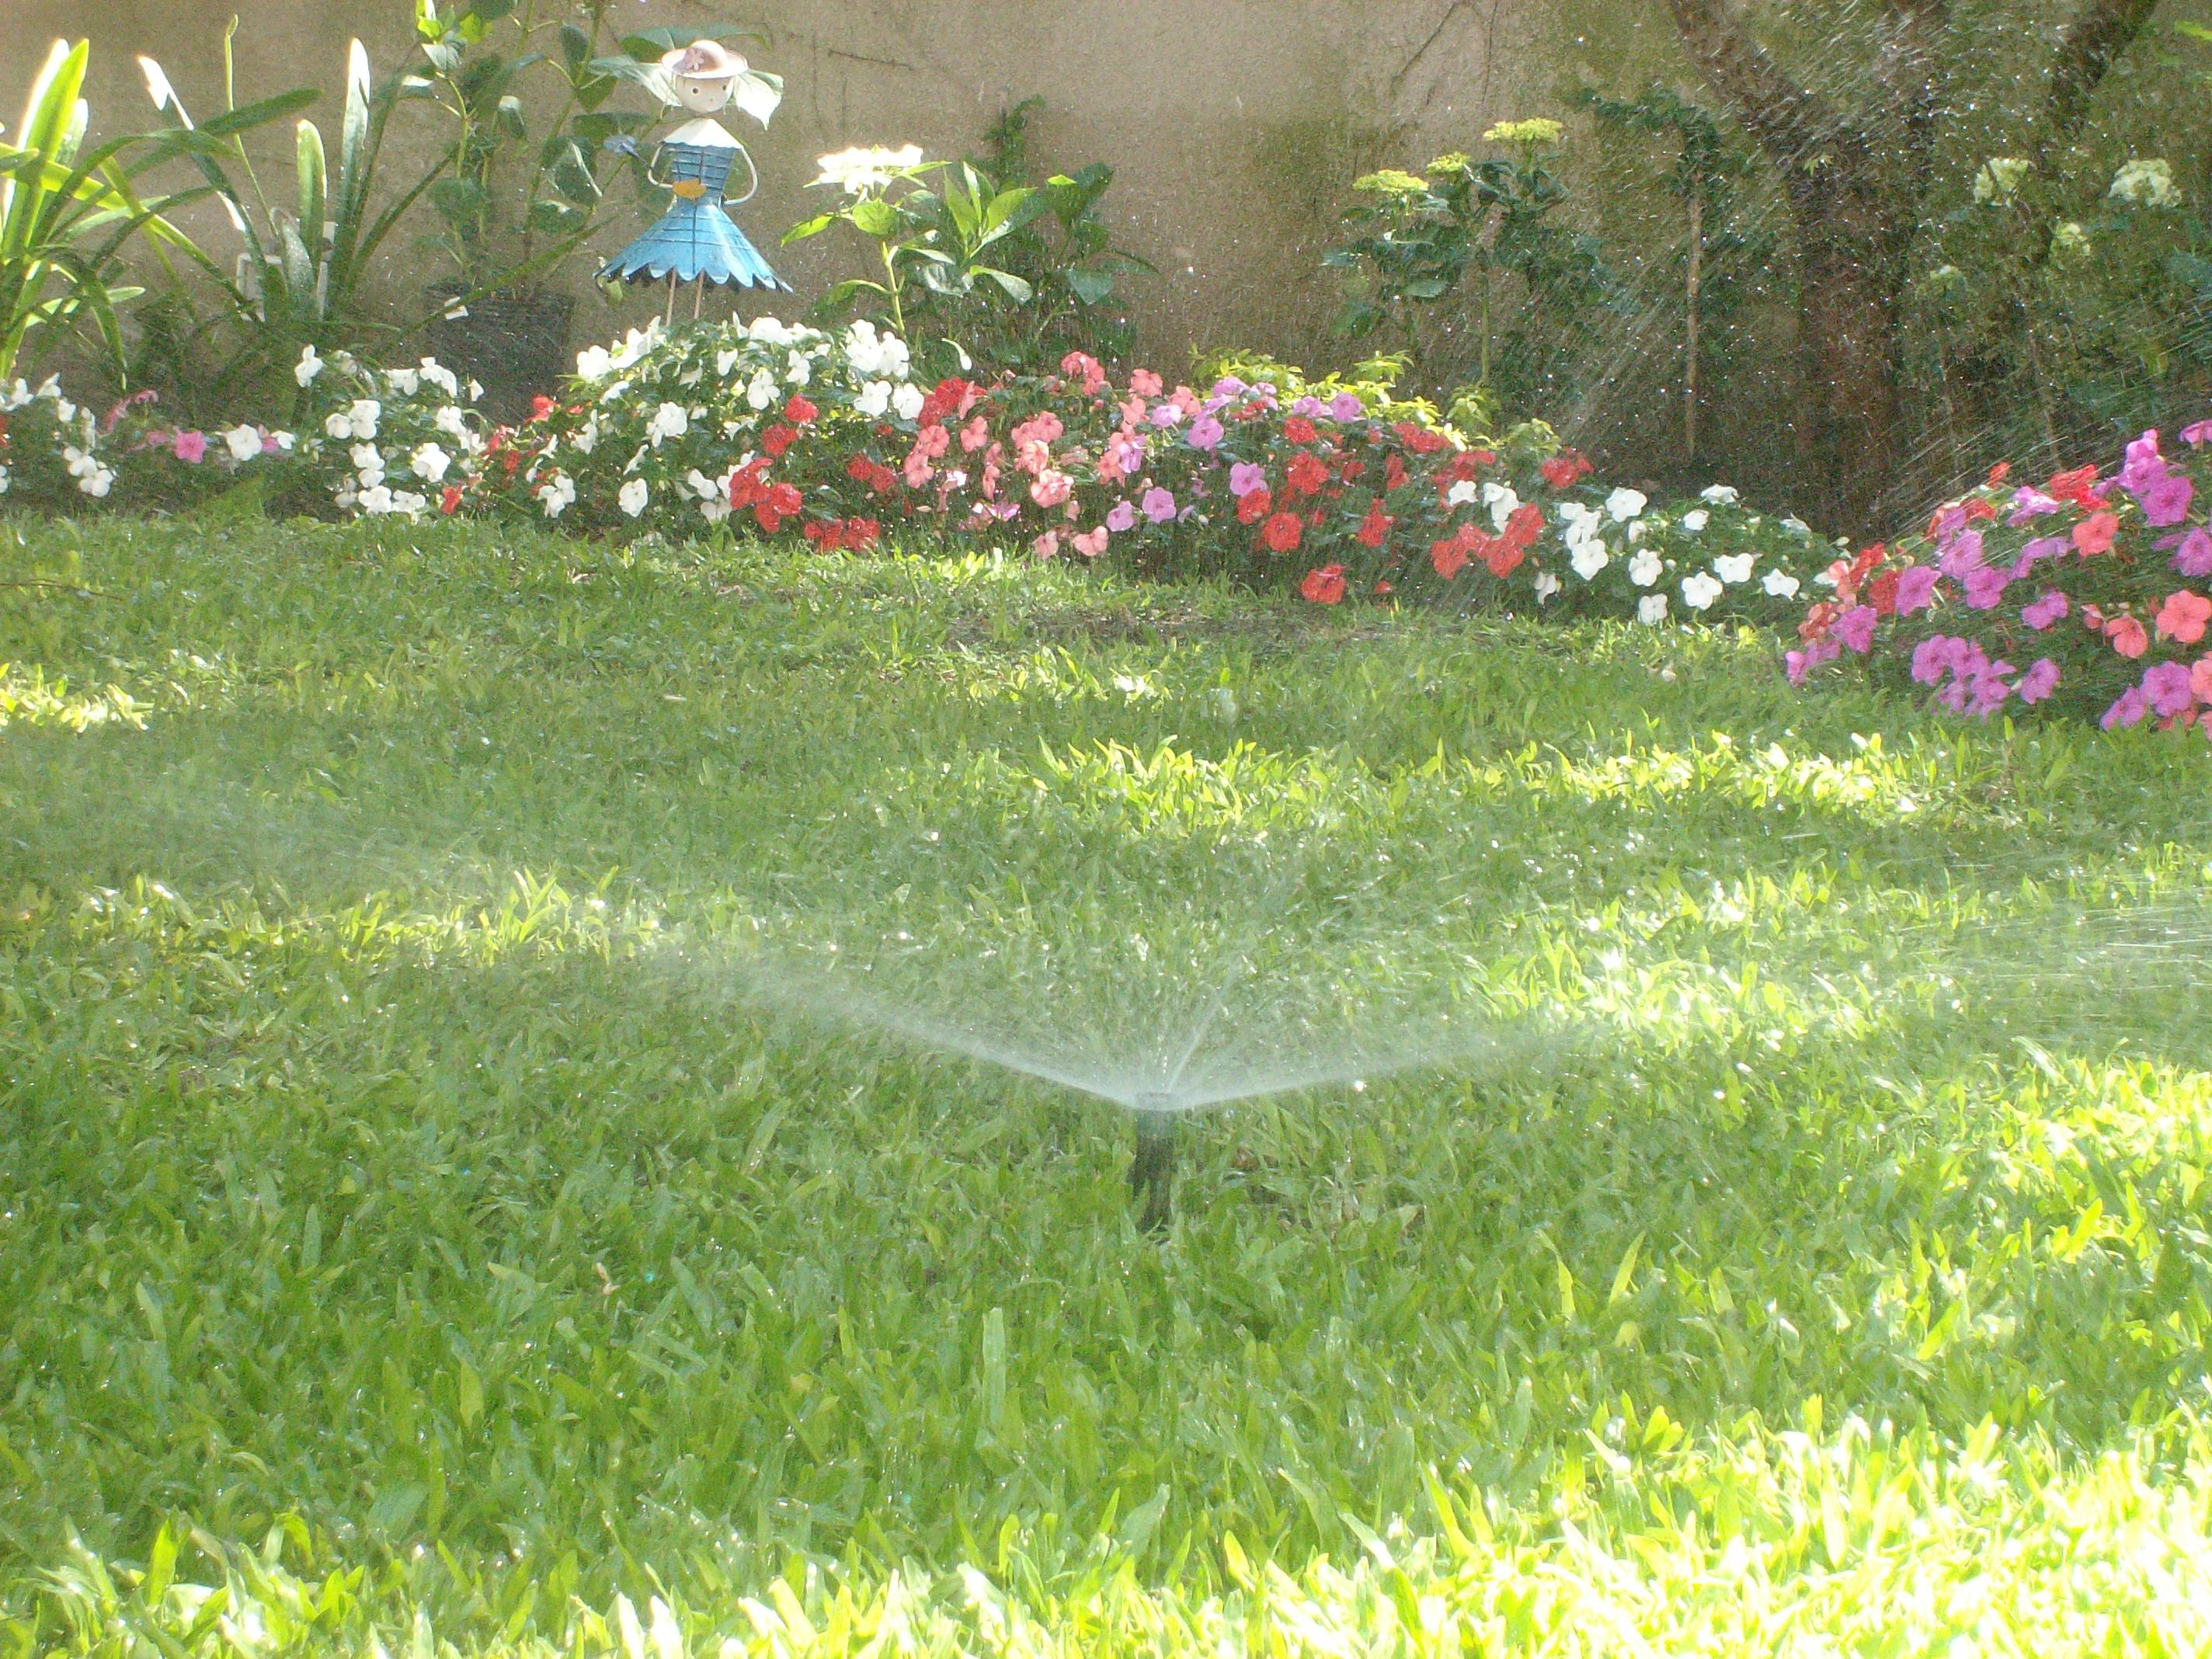 Riegos en jardines sistemas de riegos ariel aspersi n for Sistema de riego jardin vertical